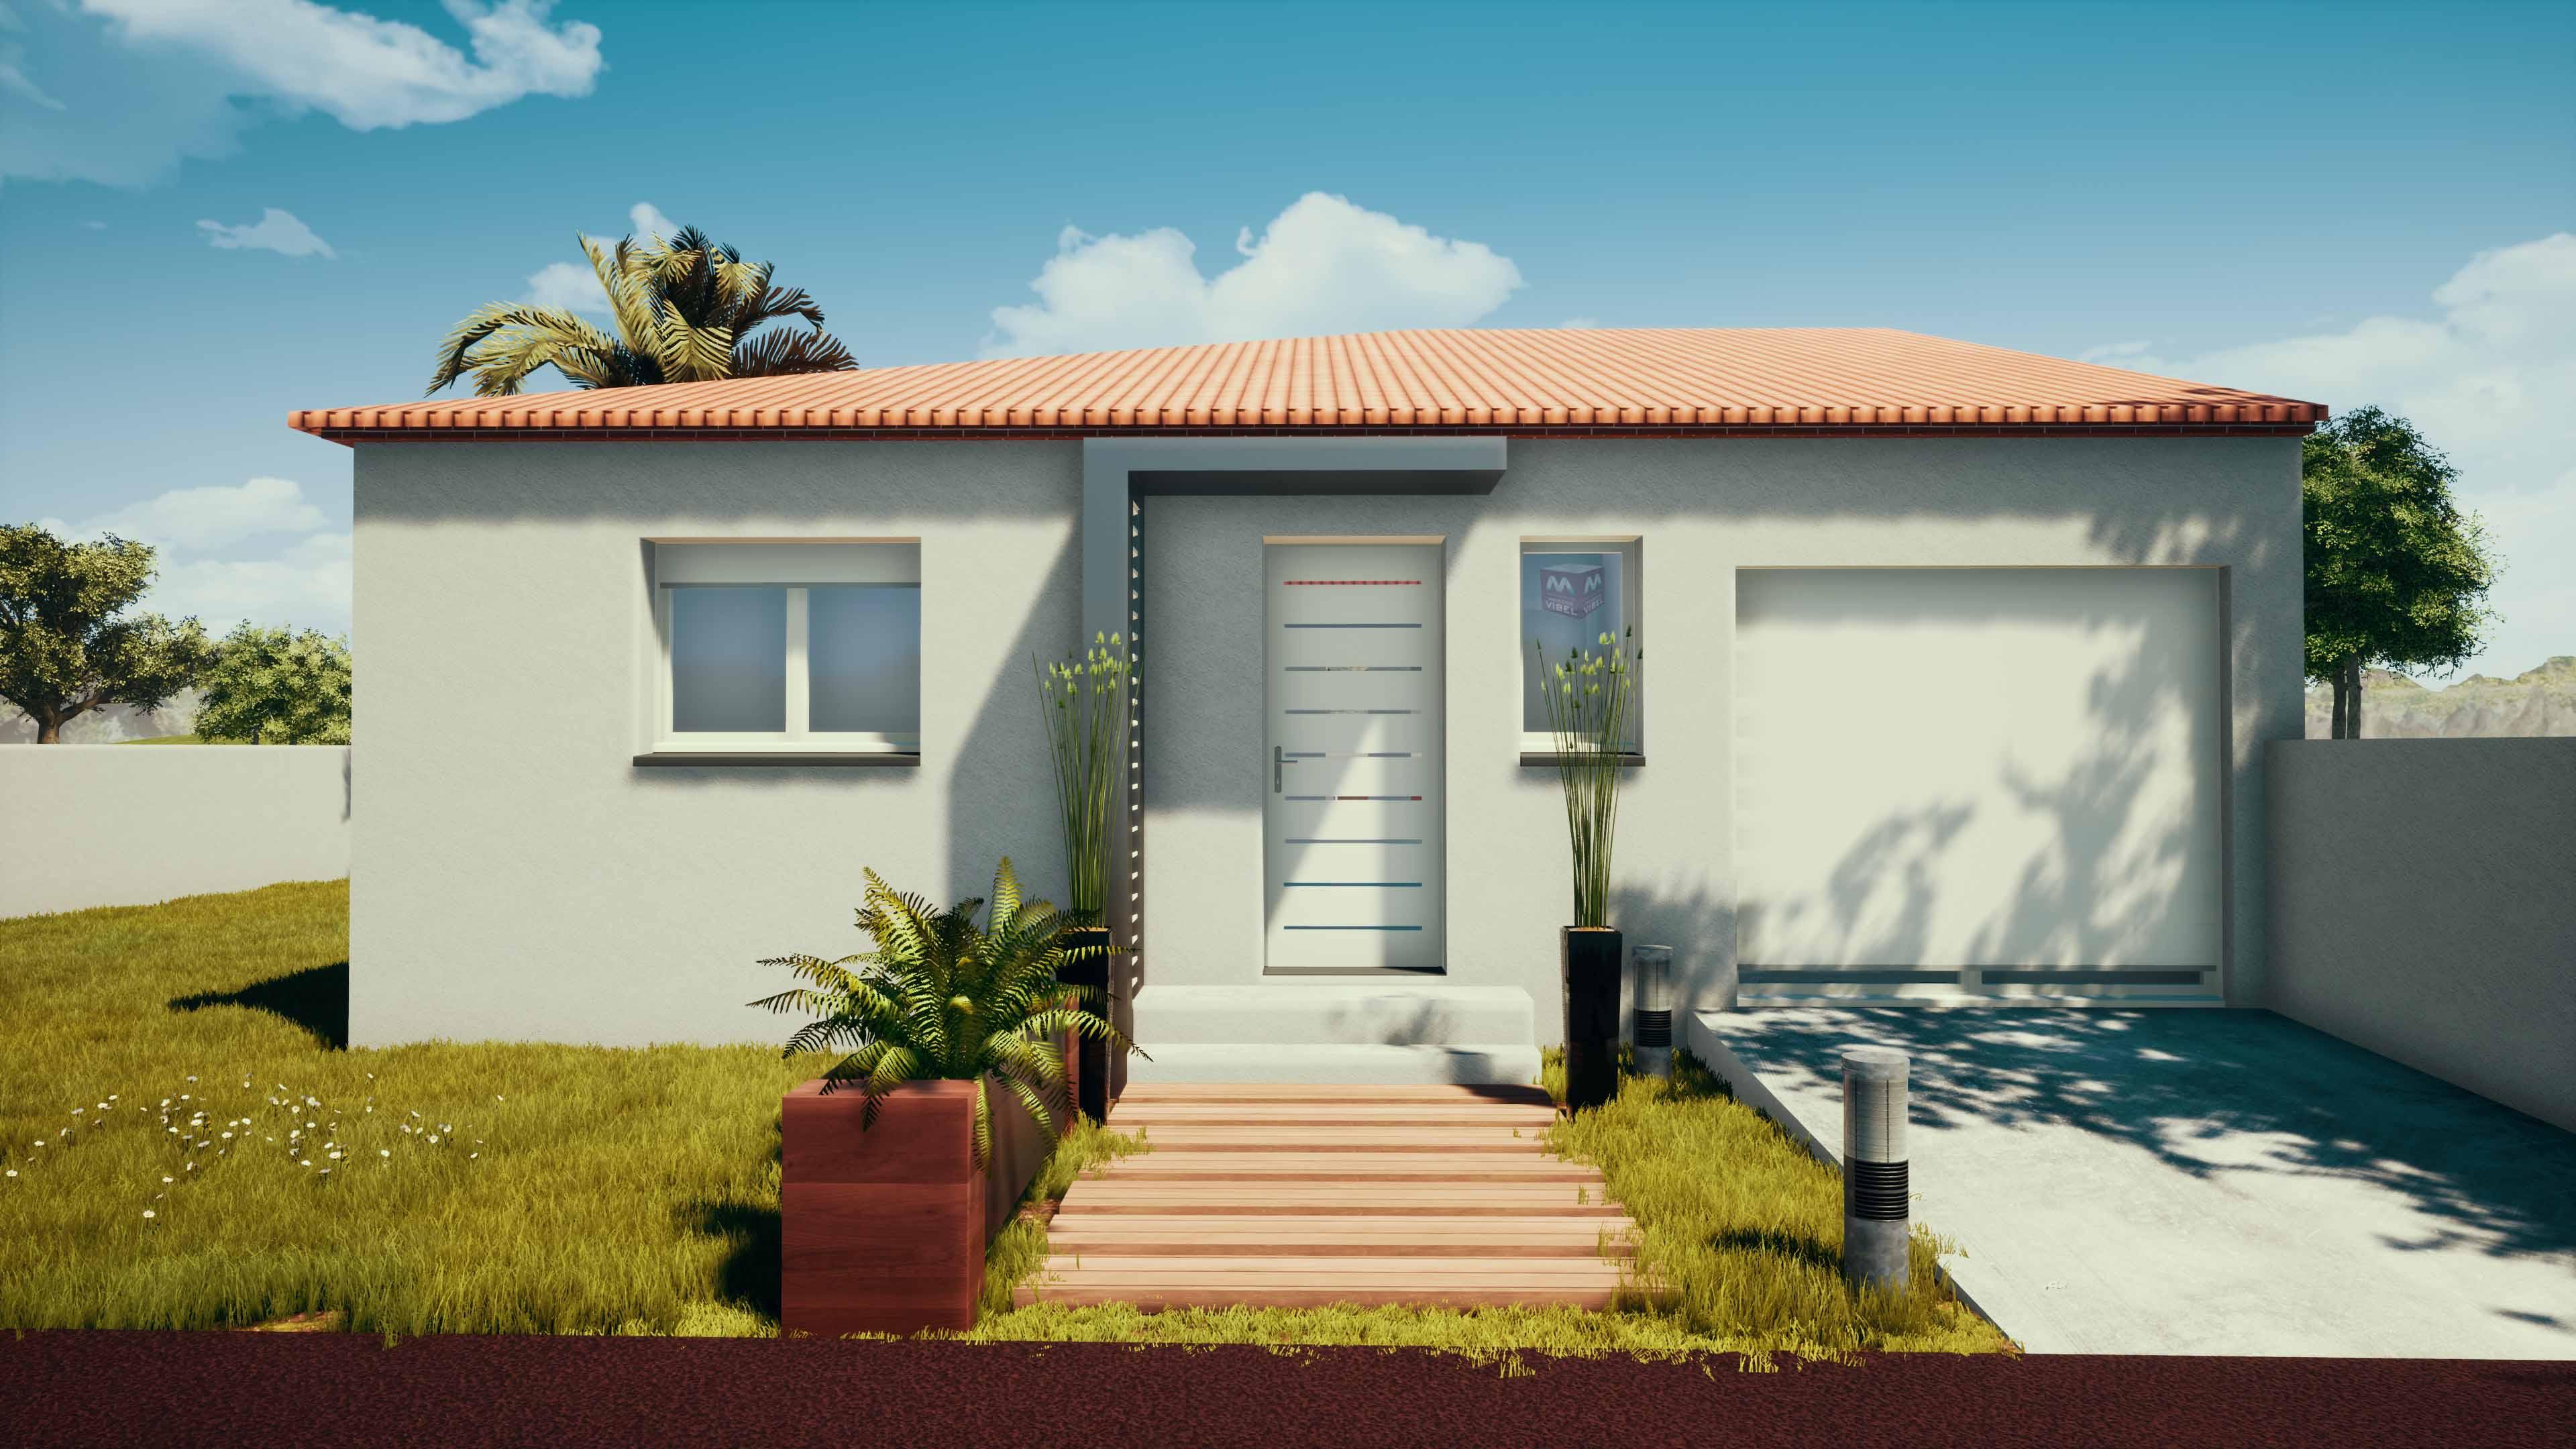 Maisons + Terrains du constructeur MAISONS VIBEL • 85 m² • LE BOULOU